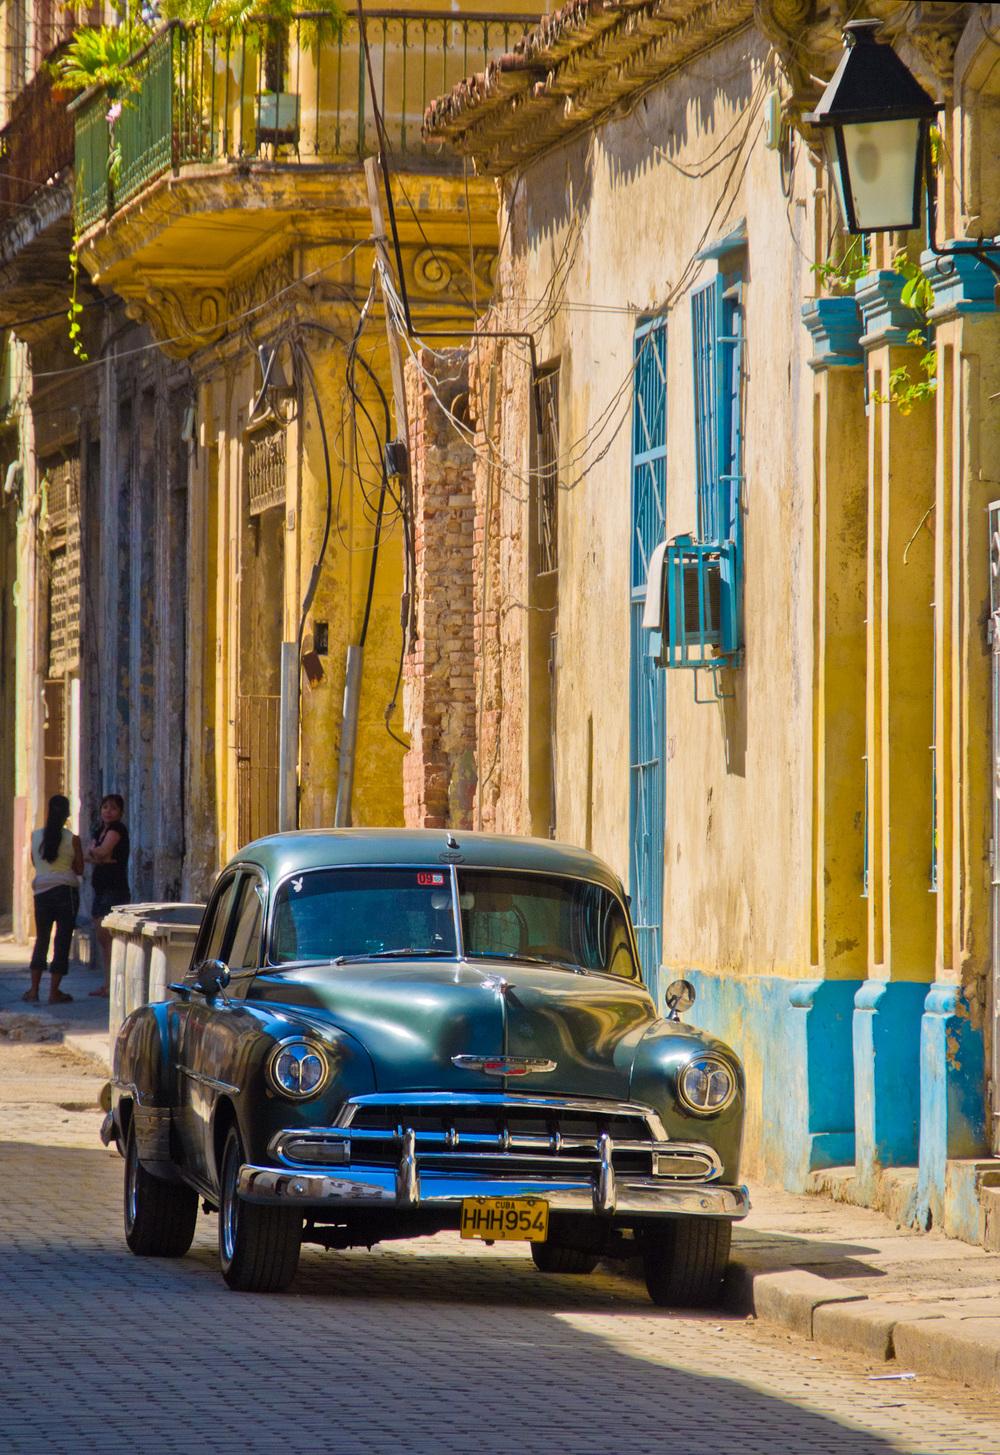 Bill_Barnett_Old Car in Havana.jpg